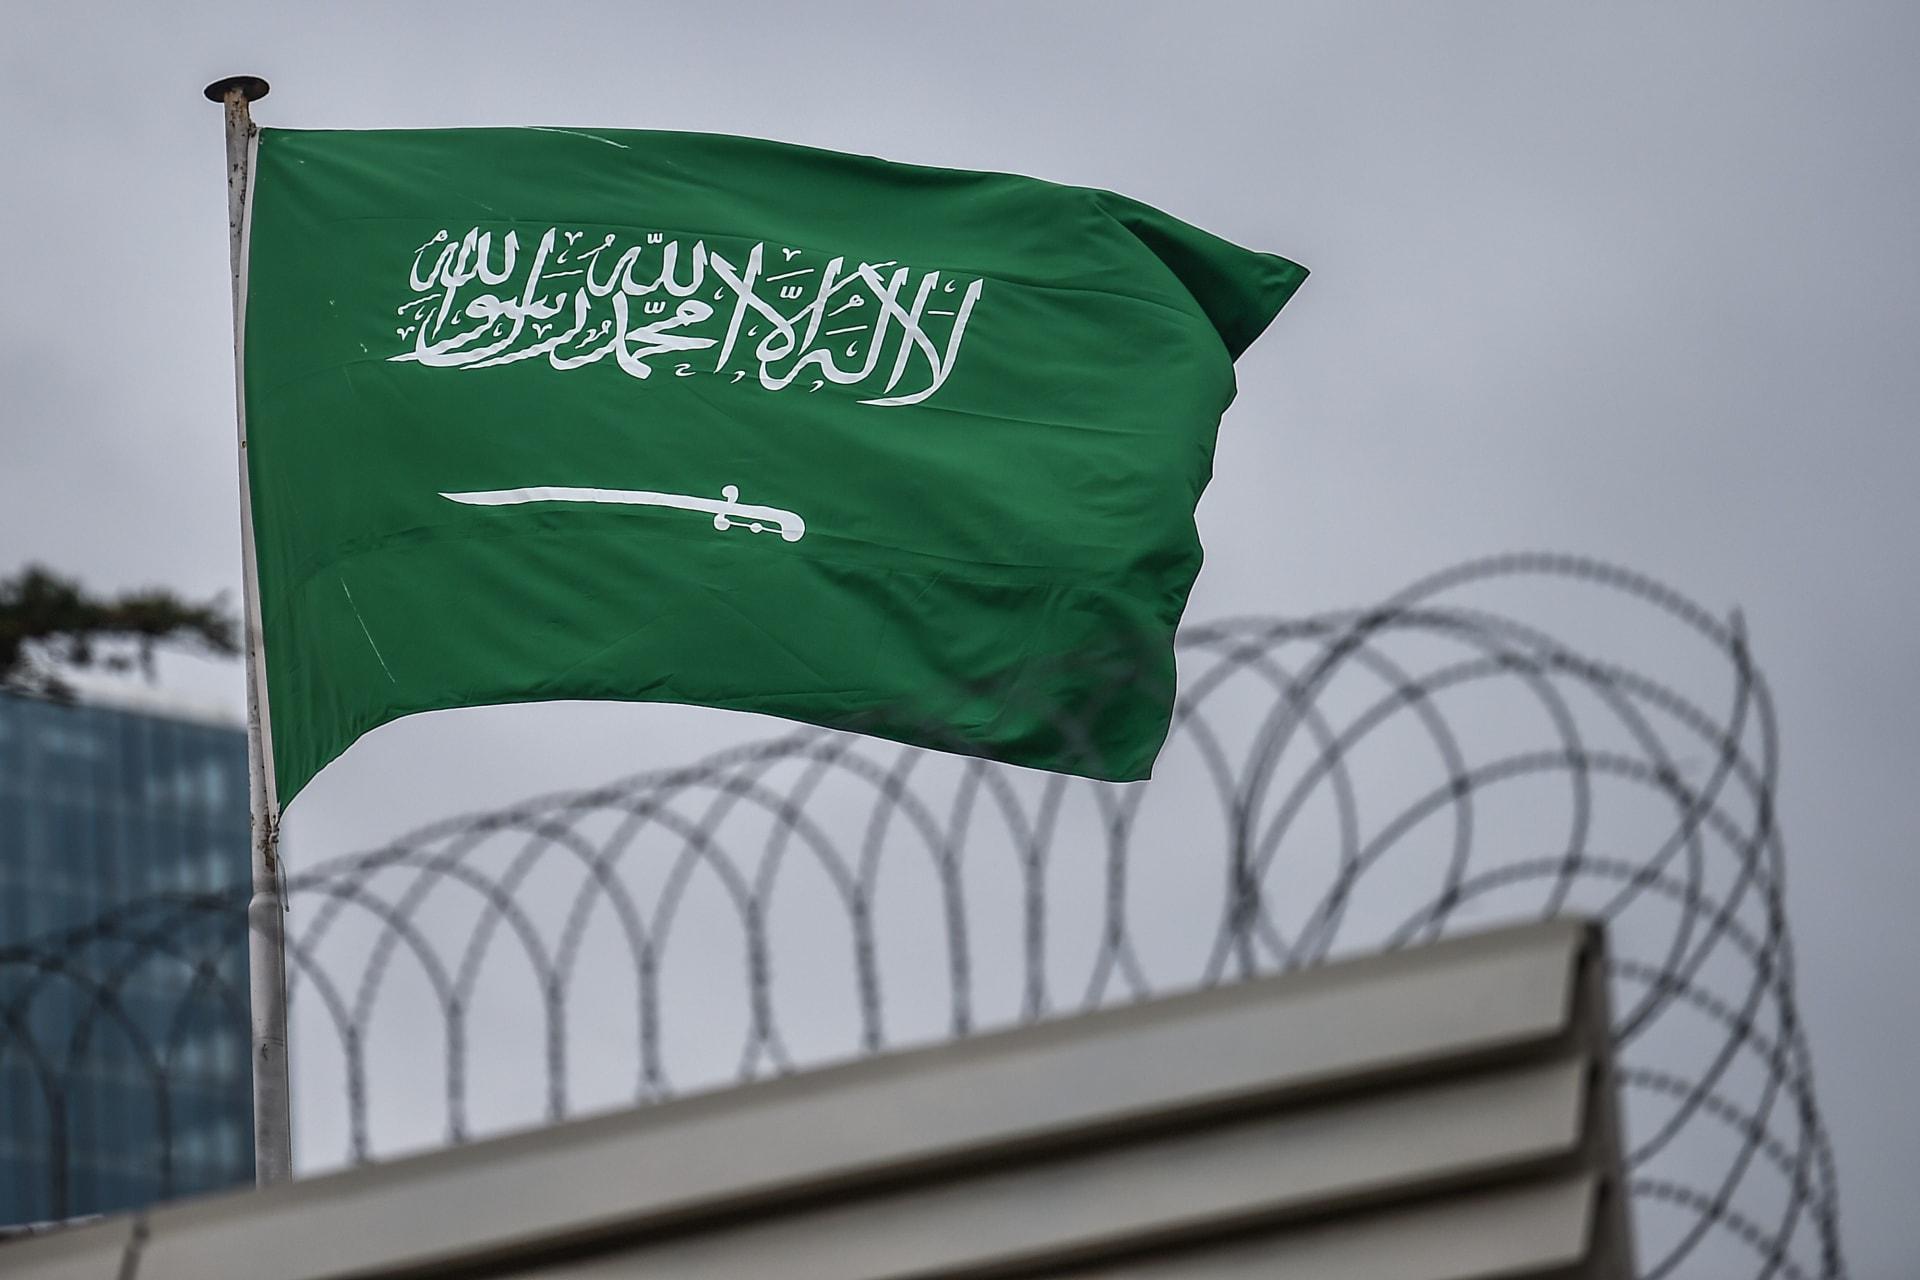 السعودية ترفض تقرير كالامار وتكشف سير التحقيقات ومحاكمة المتهمين بقتل خاشقجي